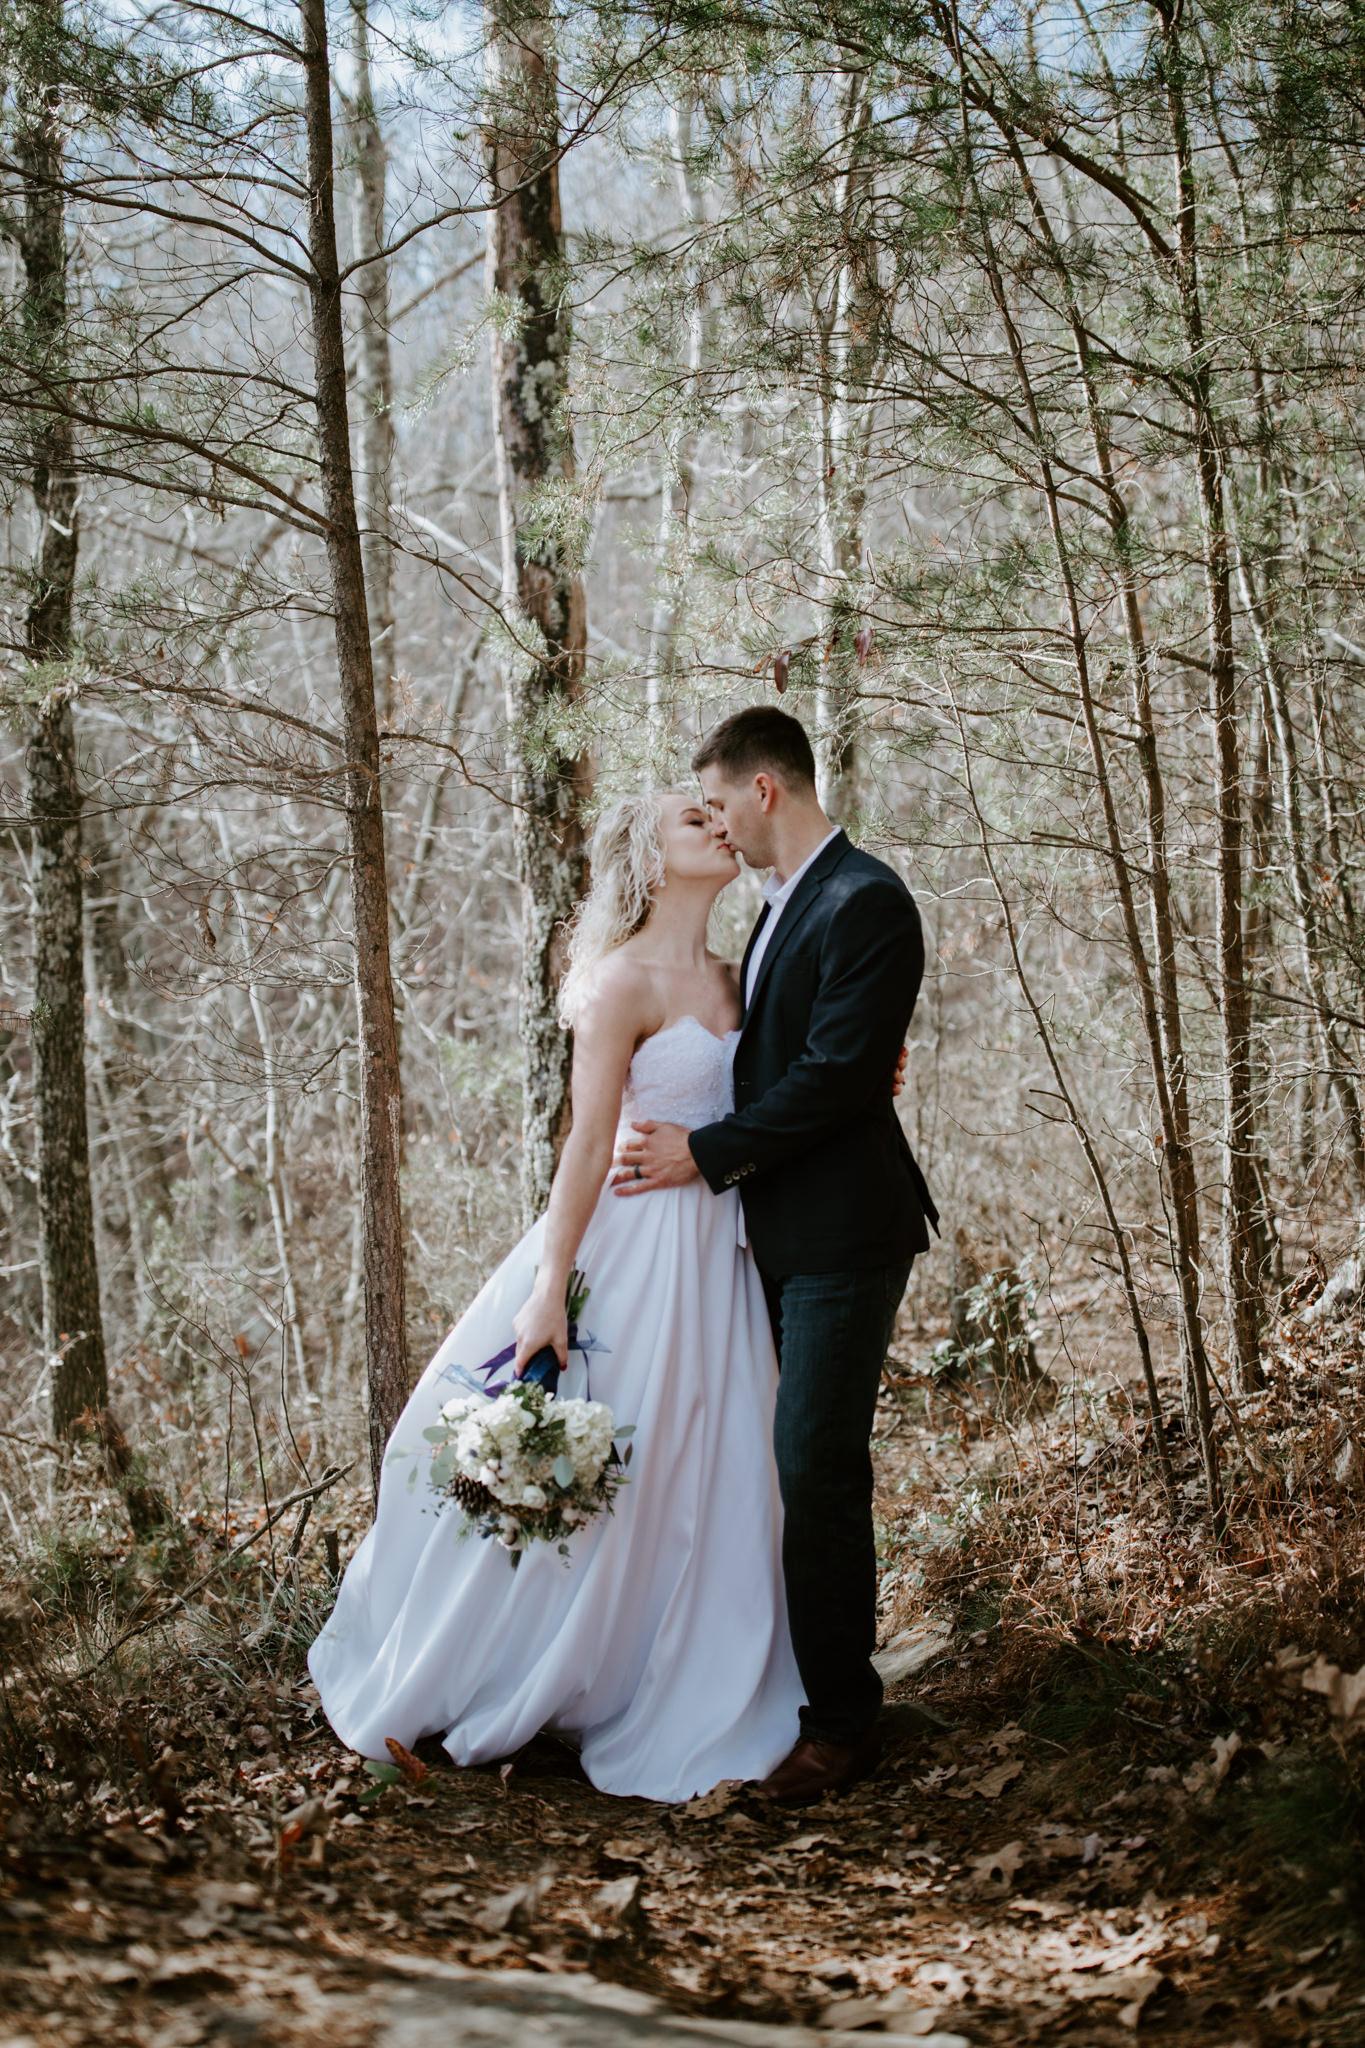 Lauren-and-Trent-Chattanooga-Nashville-Wedding-Elopement-Photographer-26.jpg